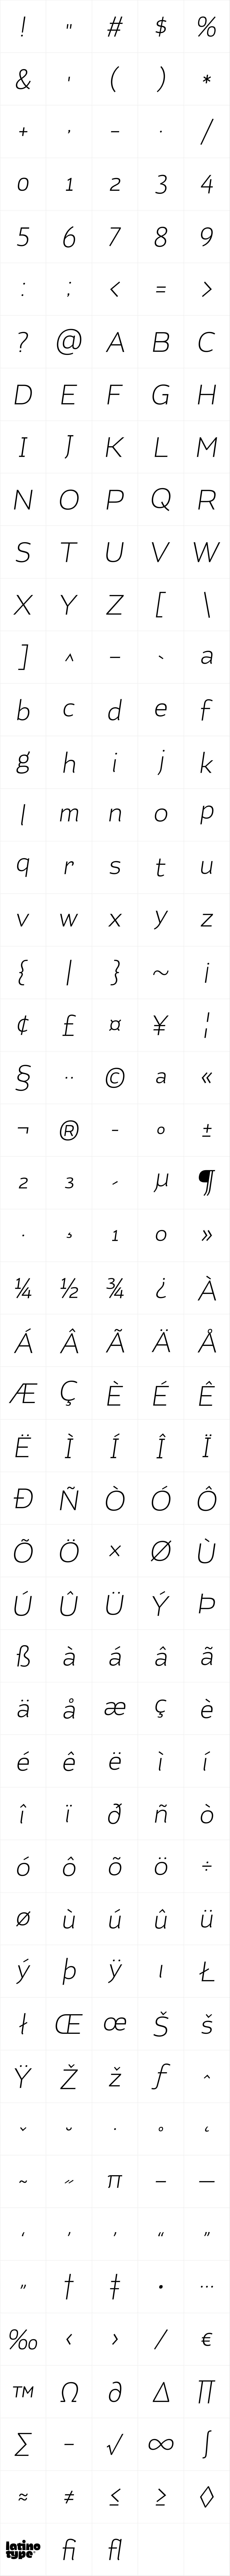 Kahlo Medium Essential Italic